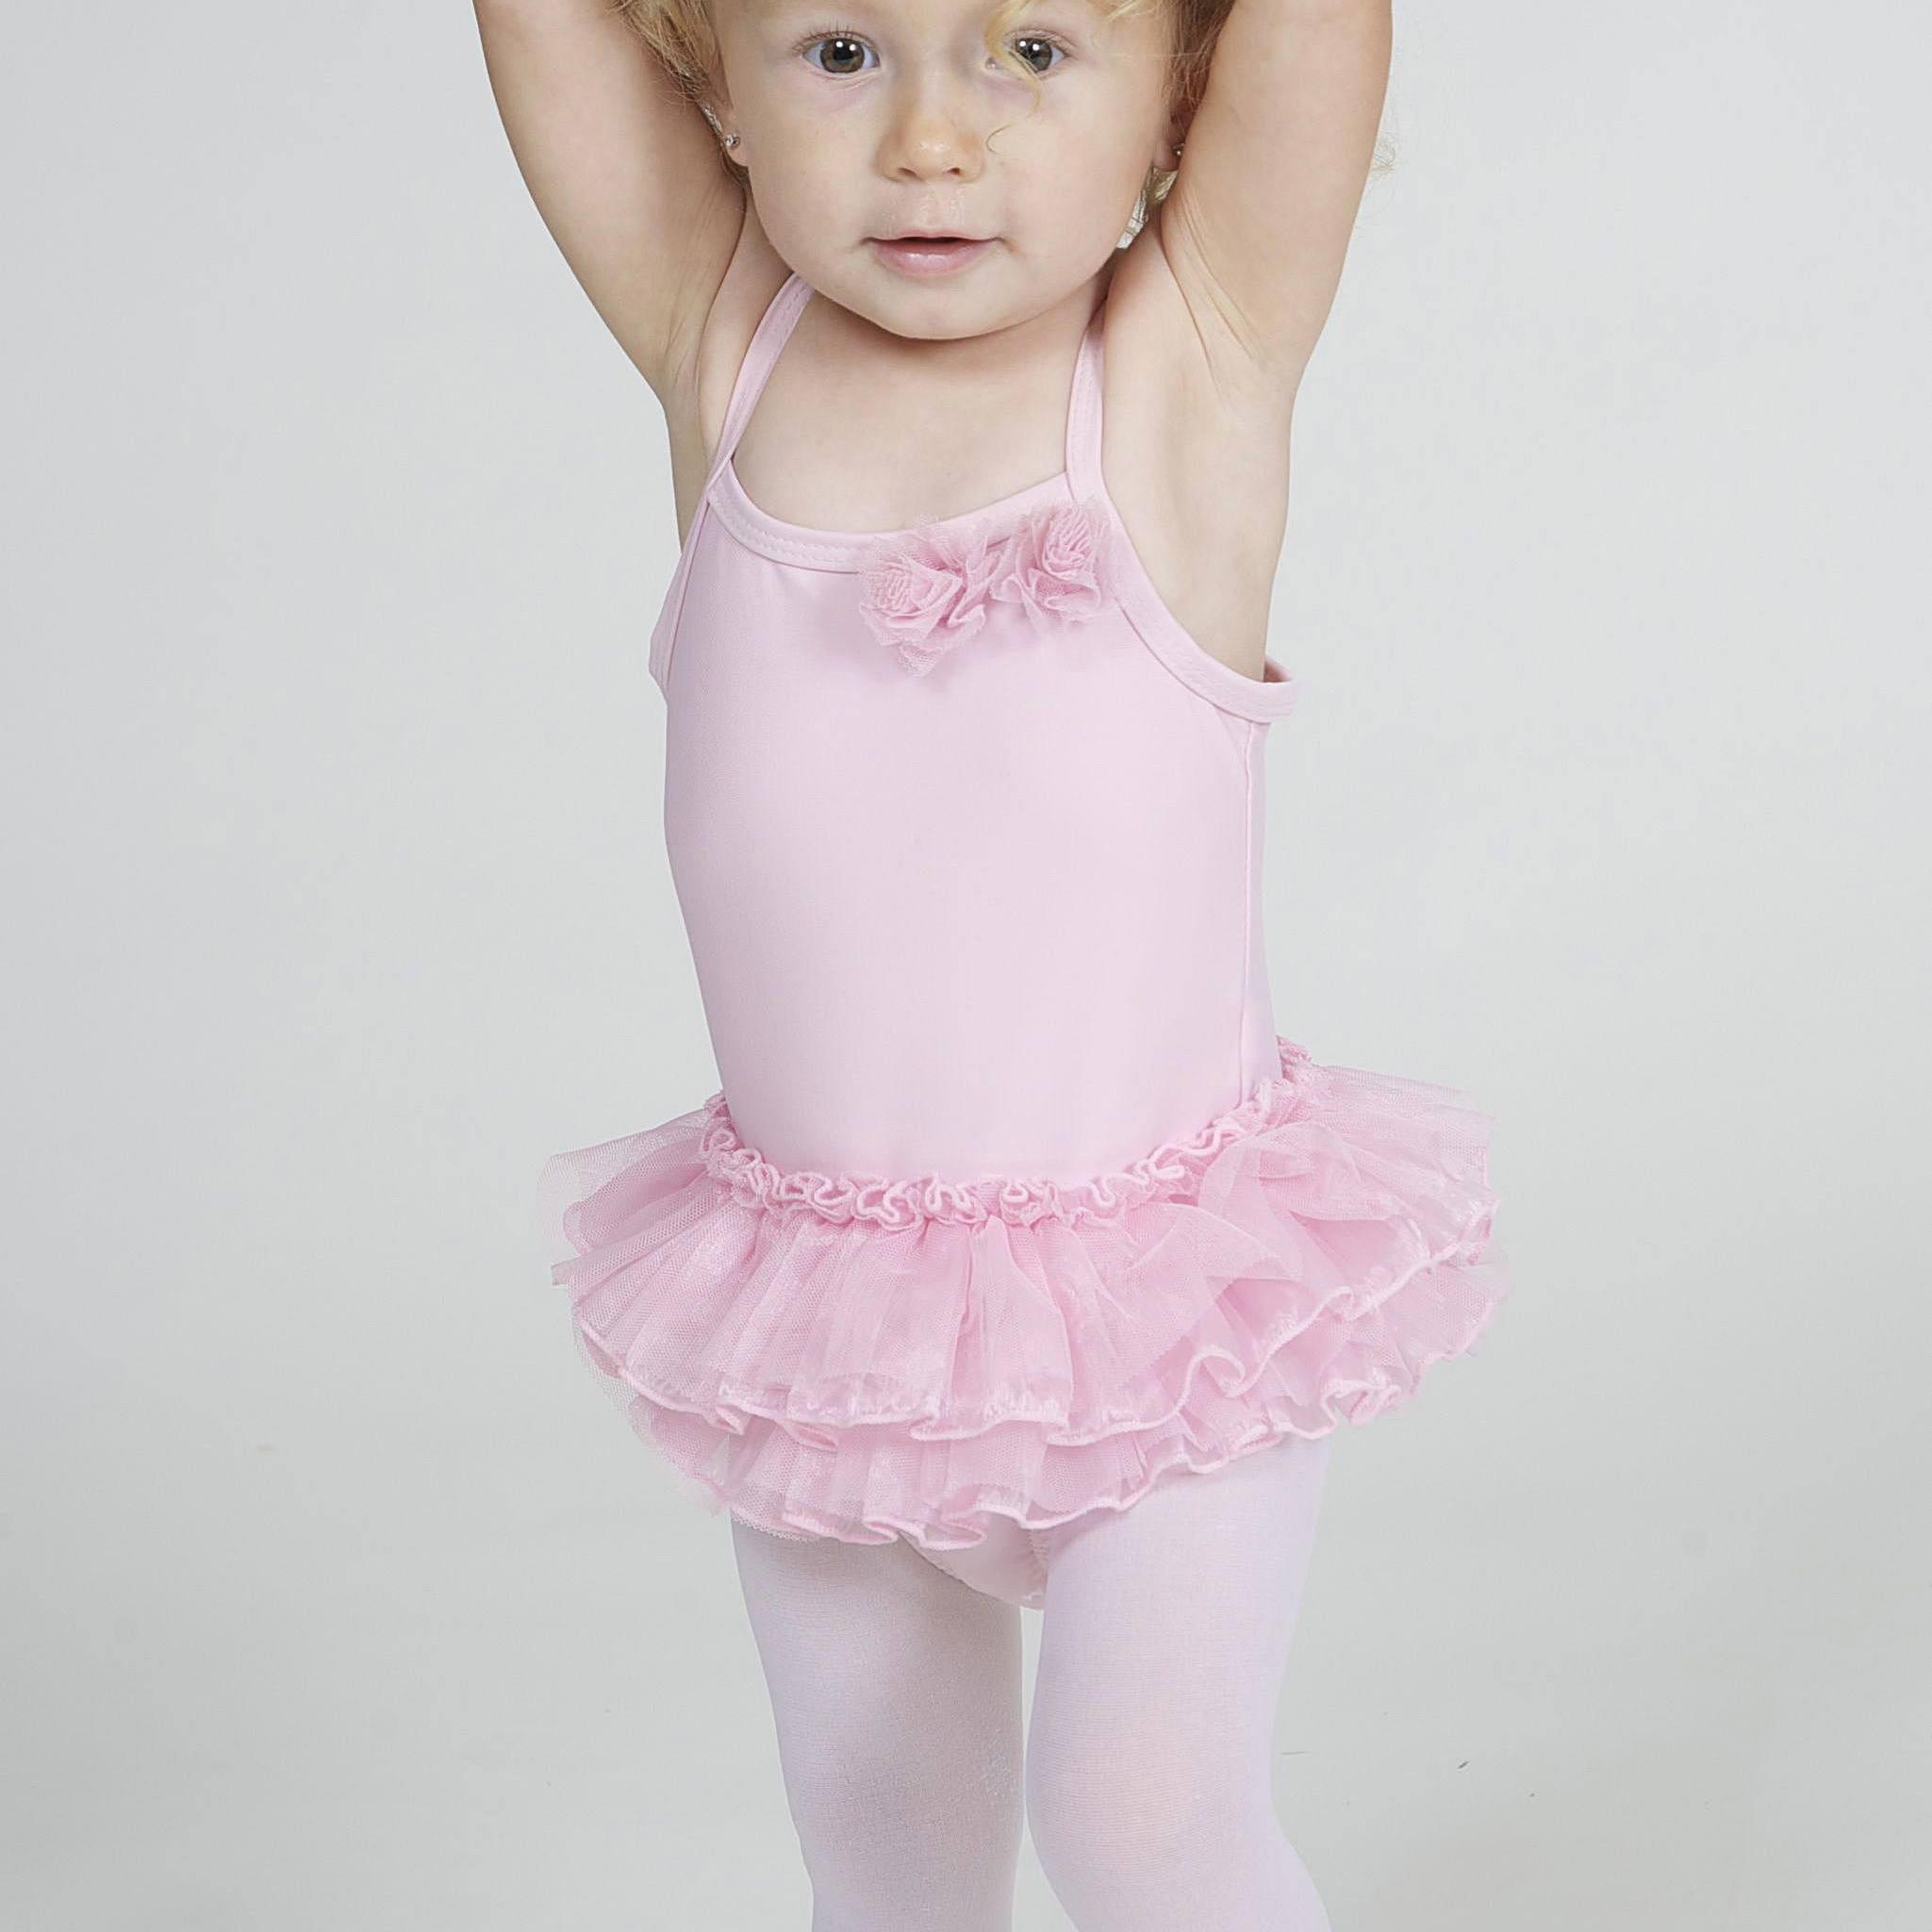 5d1e88e03 Baby Ballet - Creative Movement